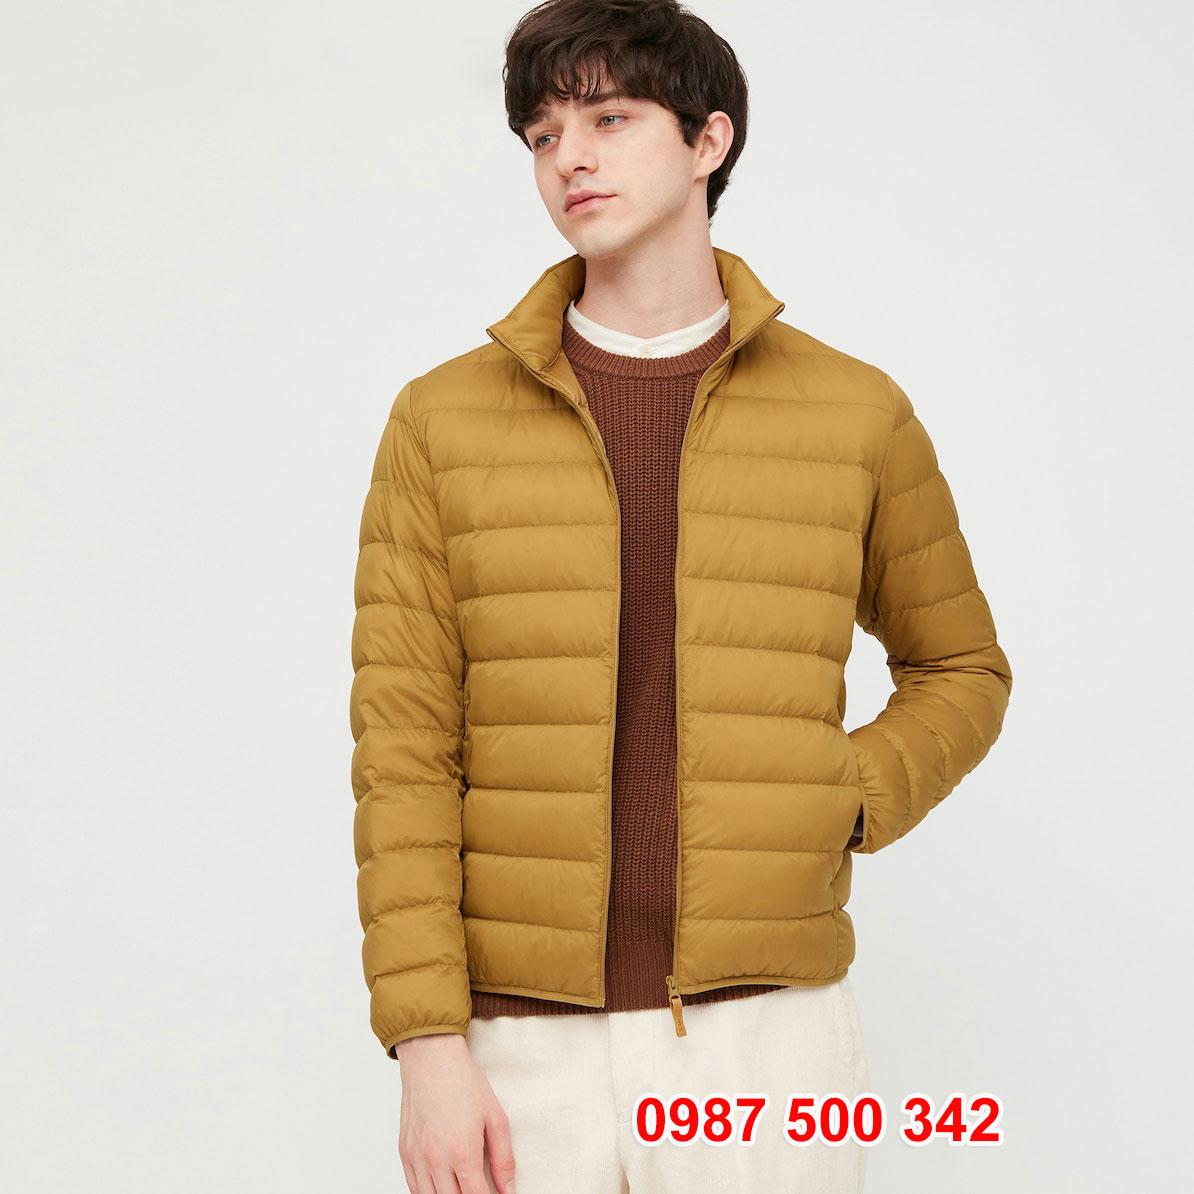 Áo lông vũ nam không mũ Uniqlo 2020 - 2021 mã 429280 áo màu vàng be 47 YELLOW